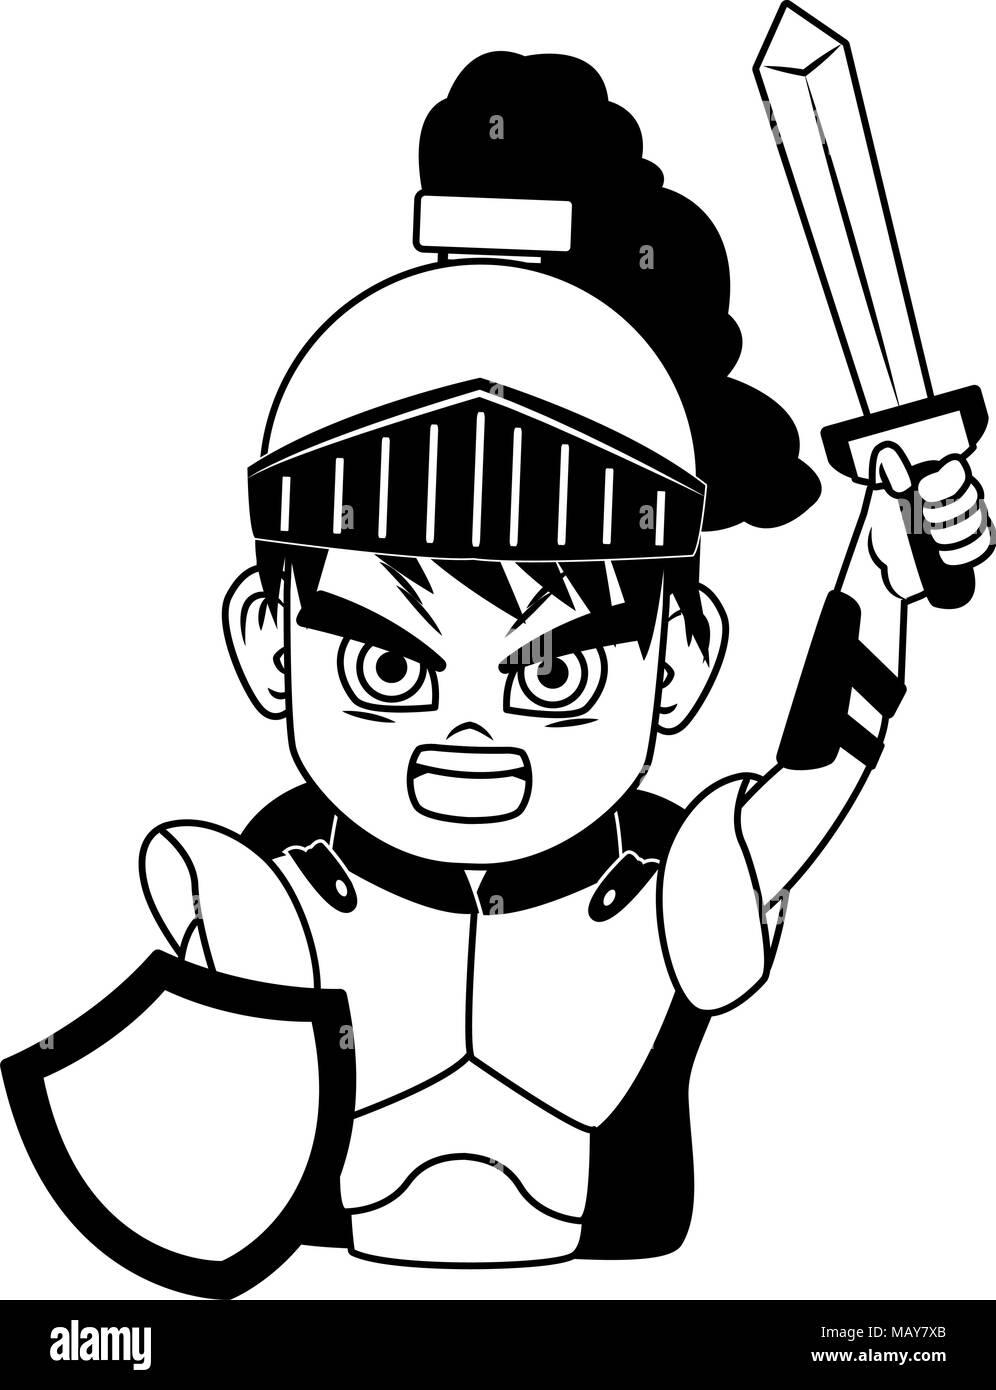 Jeu Video Dessin Anime Caractere Guerrier Medieval Vecteurs Et